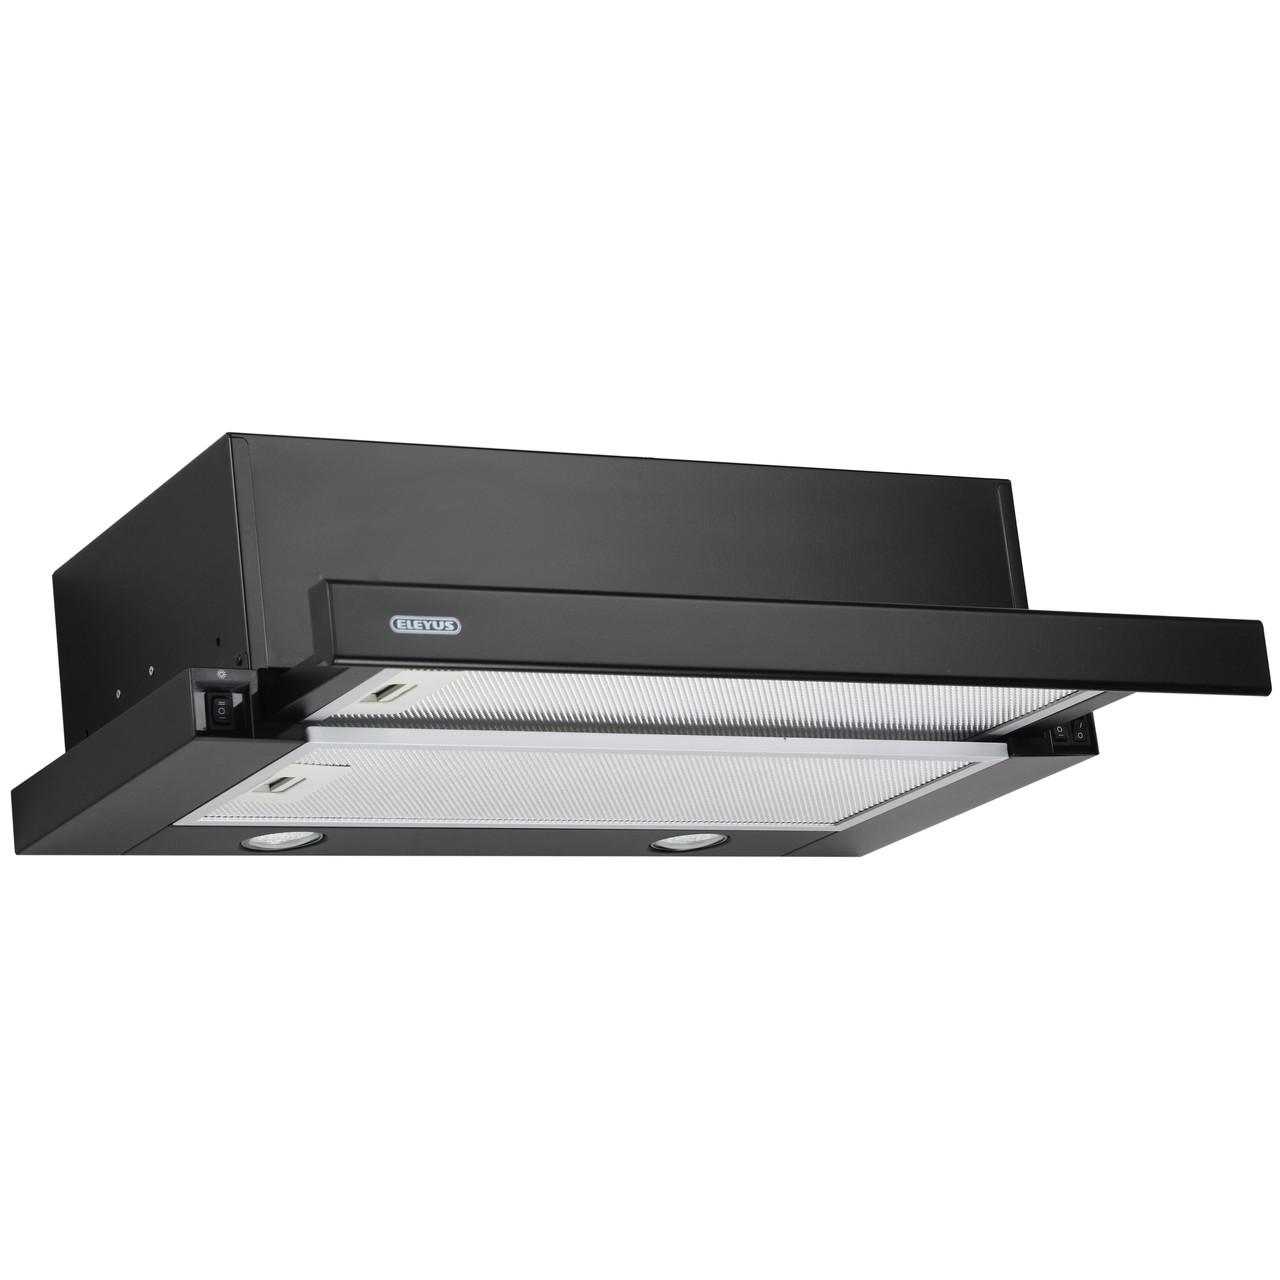 Витяжка кухонна телескопічна ELEYUS Storm 700 LED SMD 60 BL (чорна)